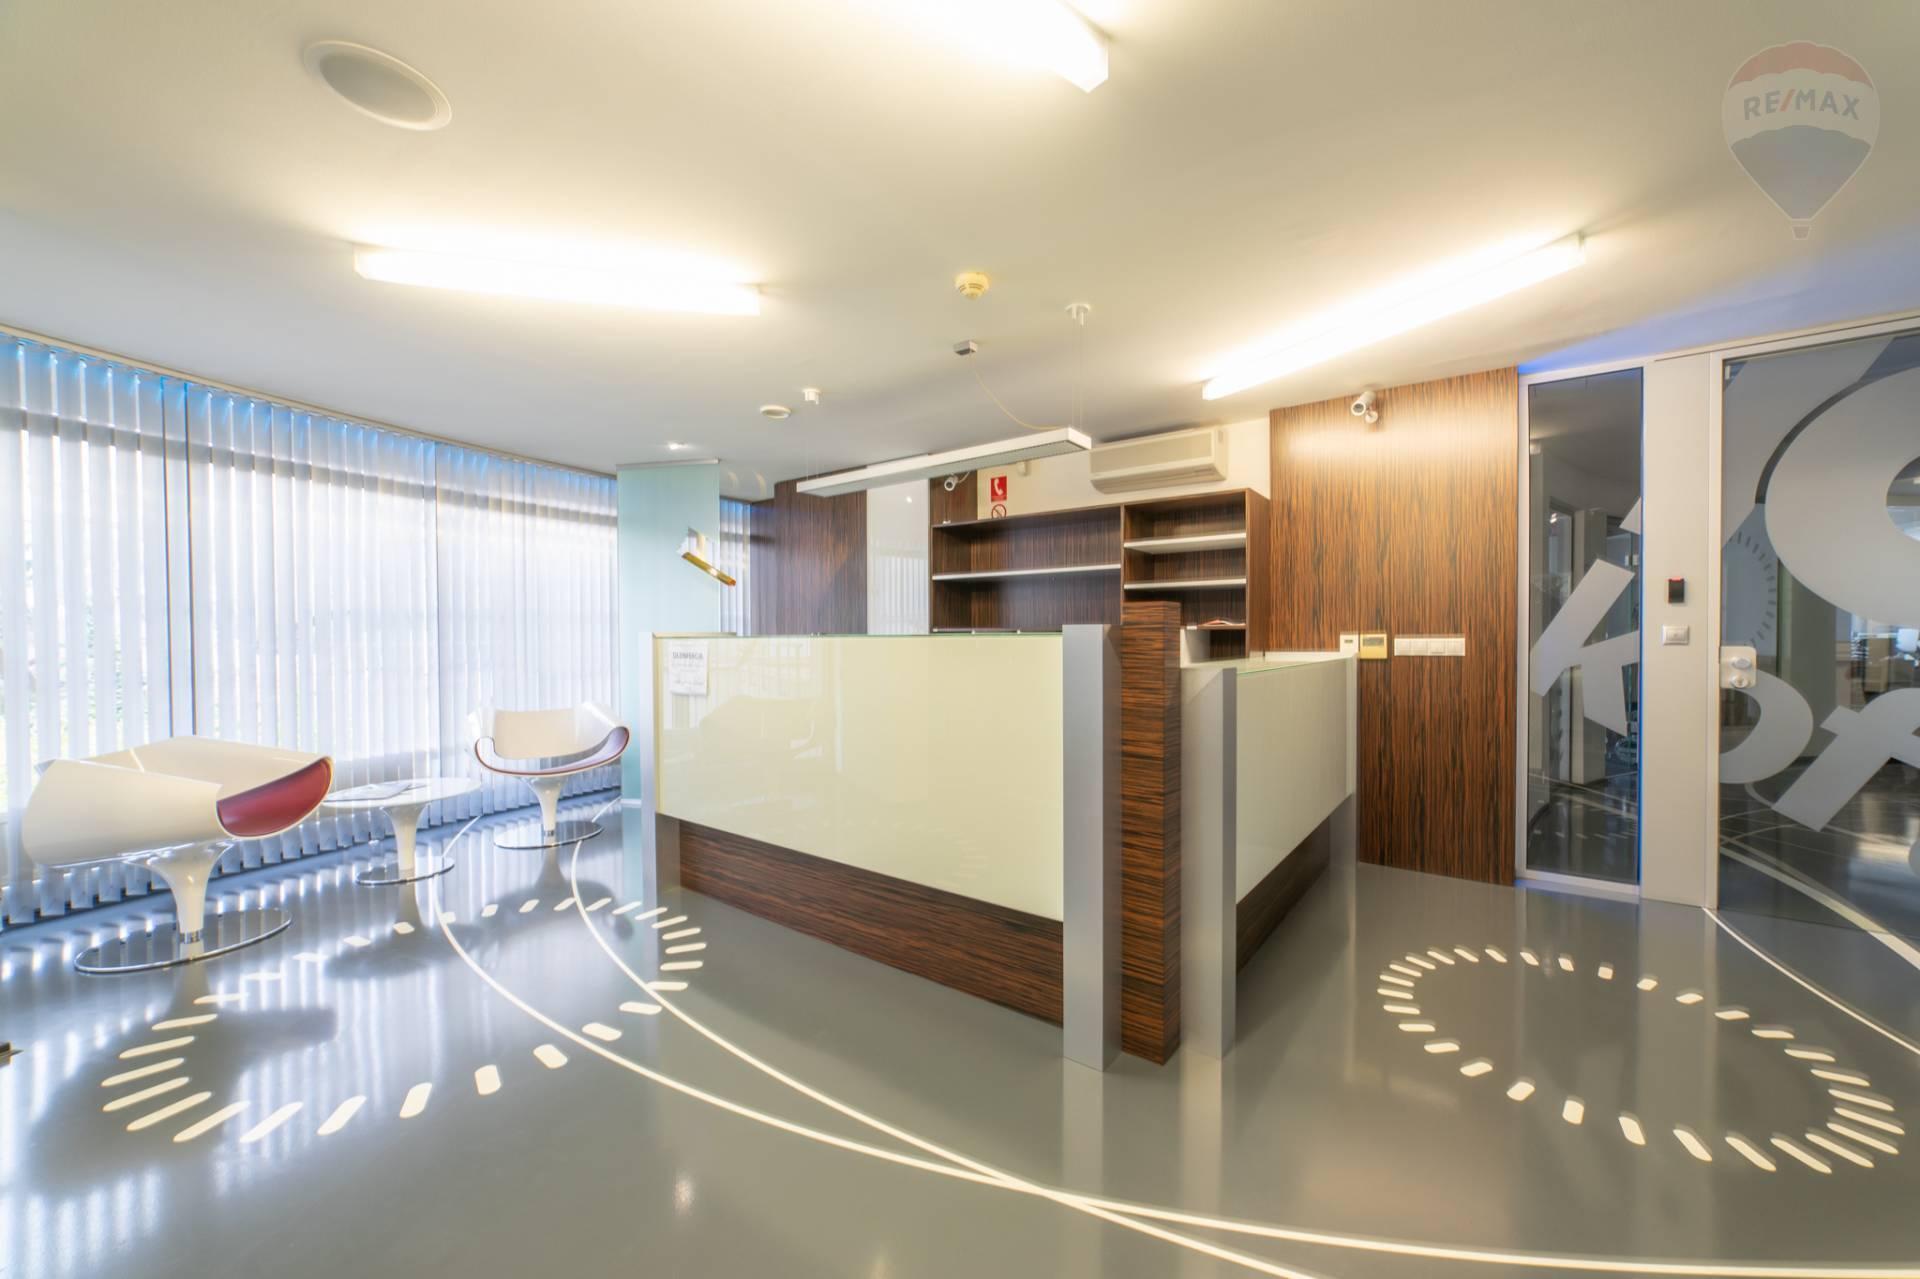 PRENÁJOM >>  Reprezentatívne kancelárske priestory so službami recepcie a parkingom